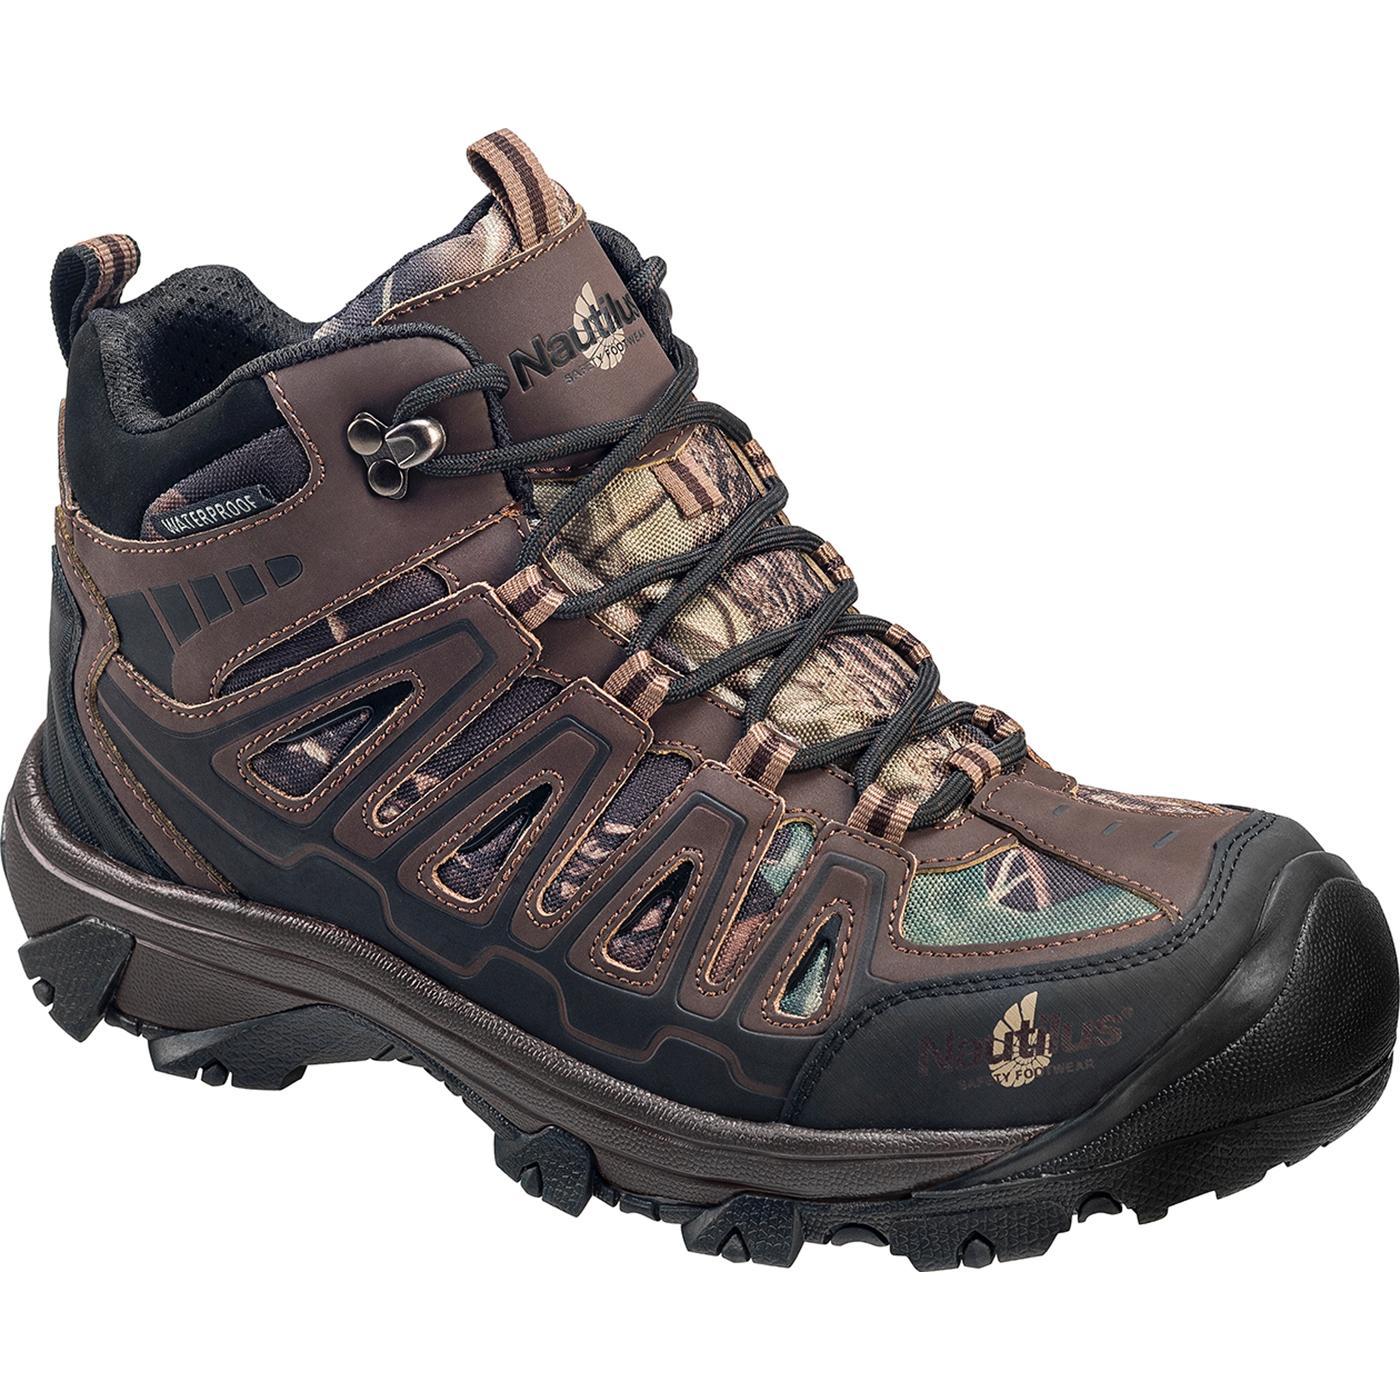 Carhartt Men S Hiker Waterproof Work Shoes